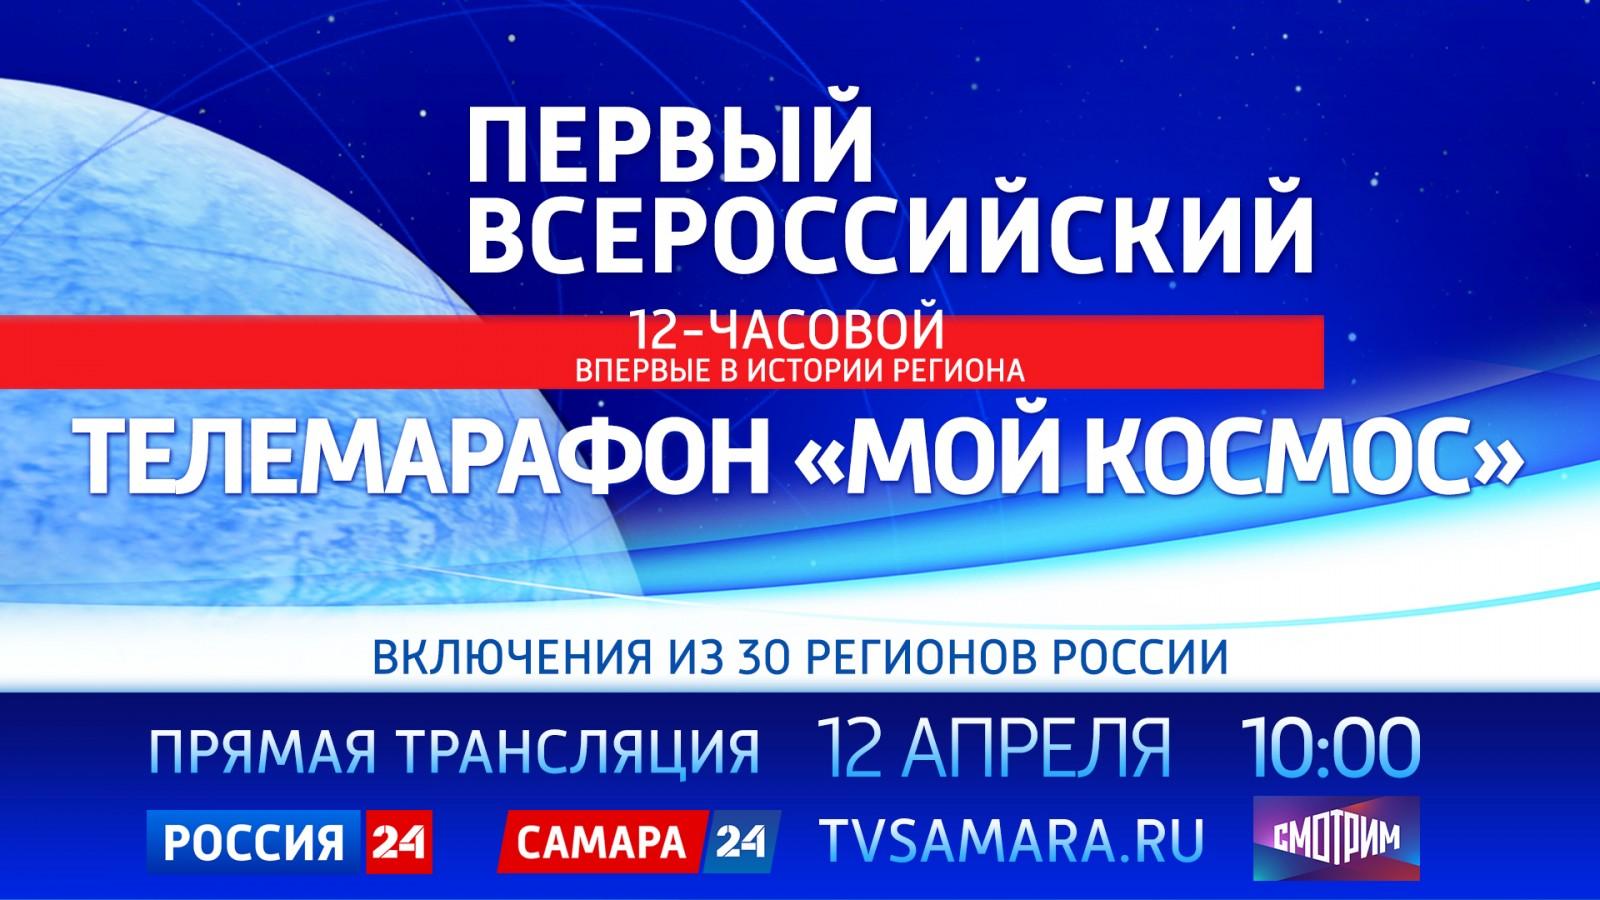 В Стране впервые пройдет Всероссийский  телемарафон «МОЙ КОСМОС»